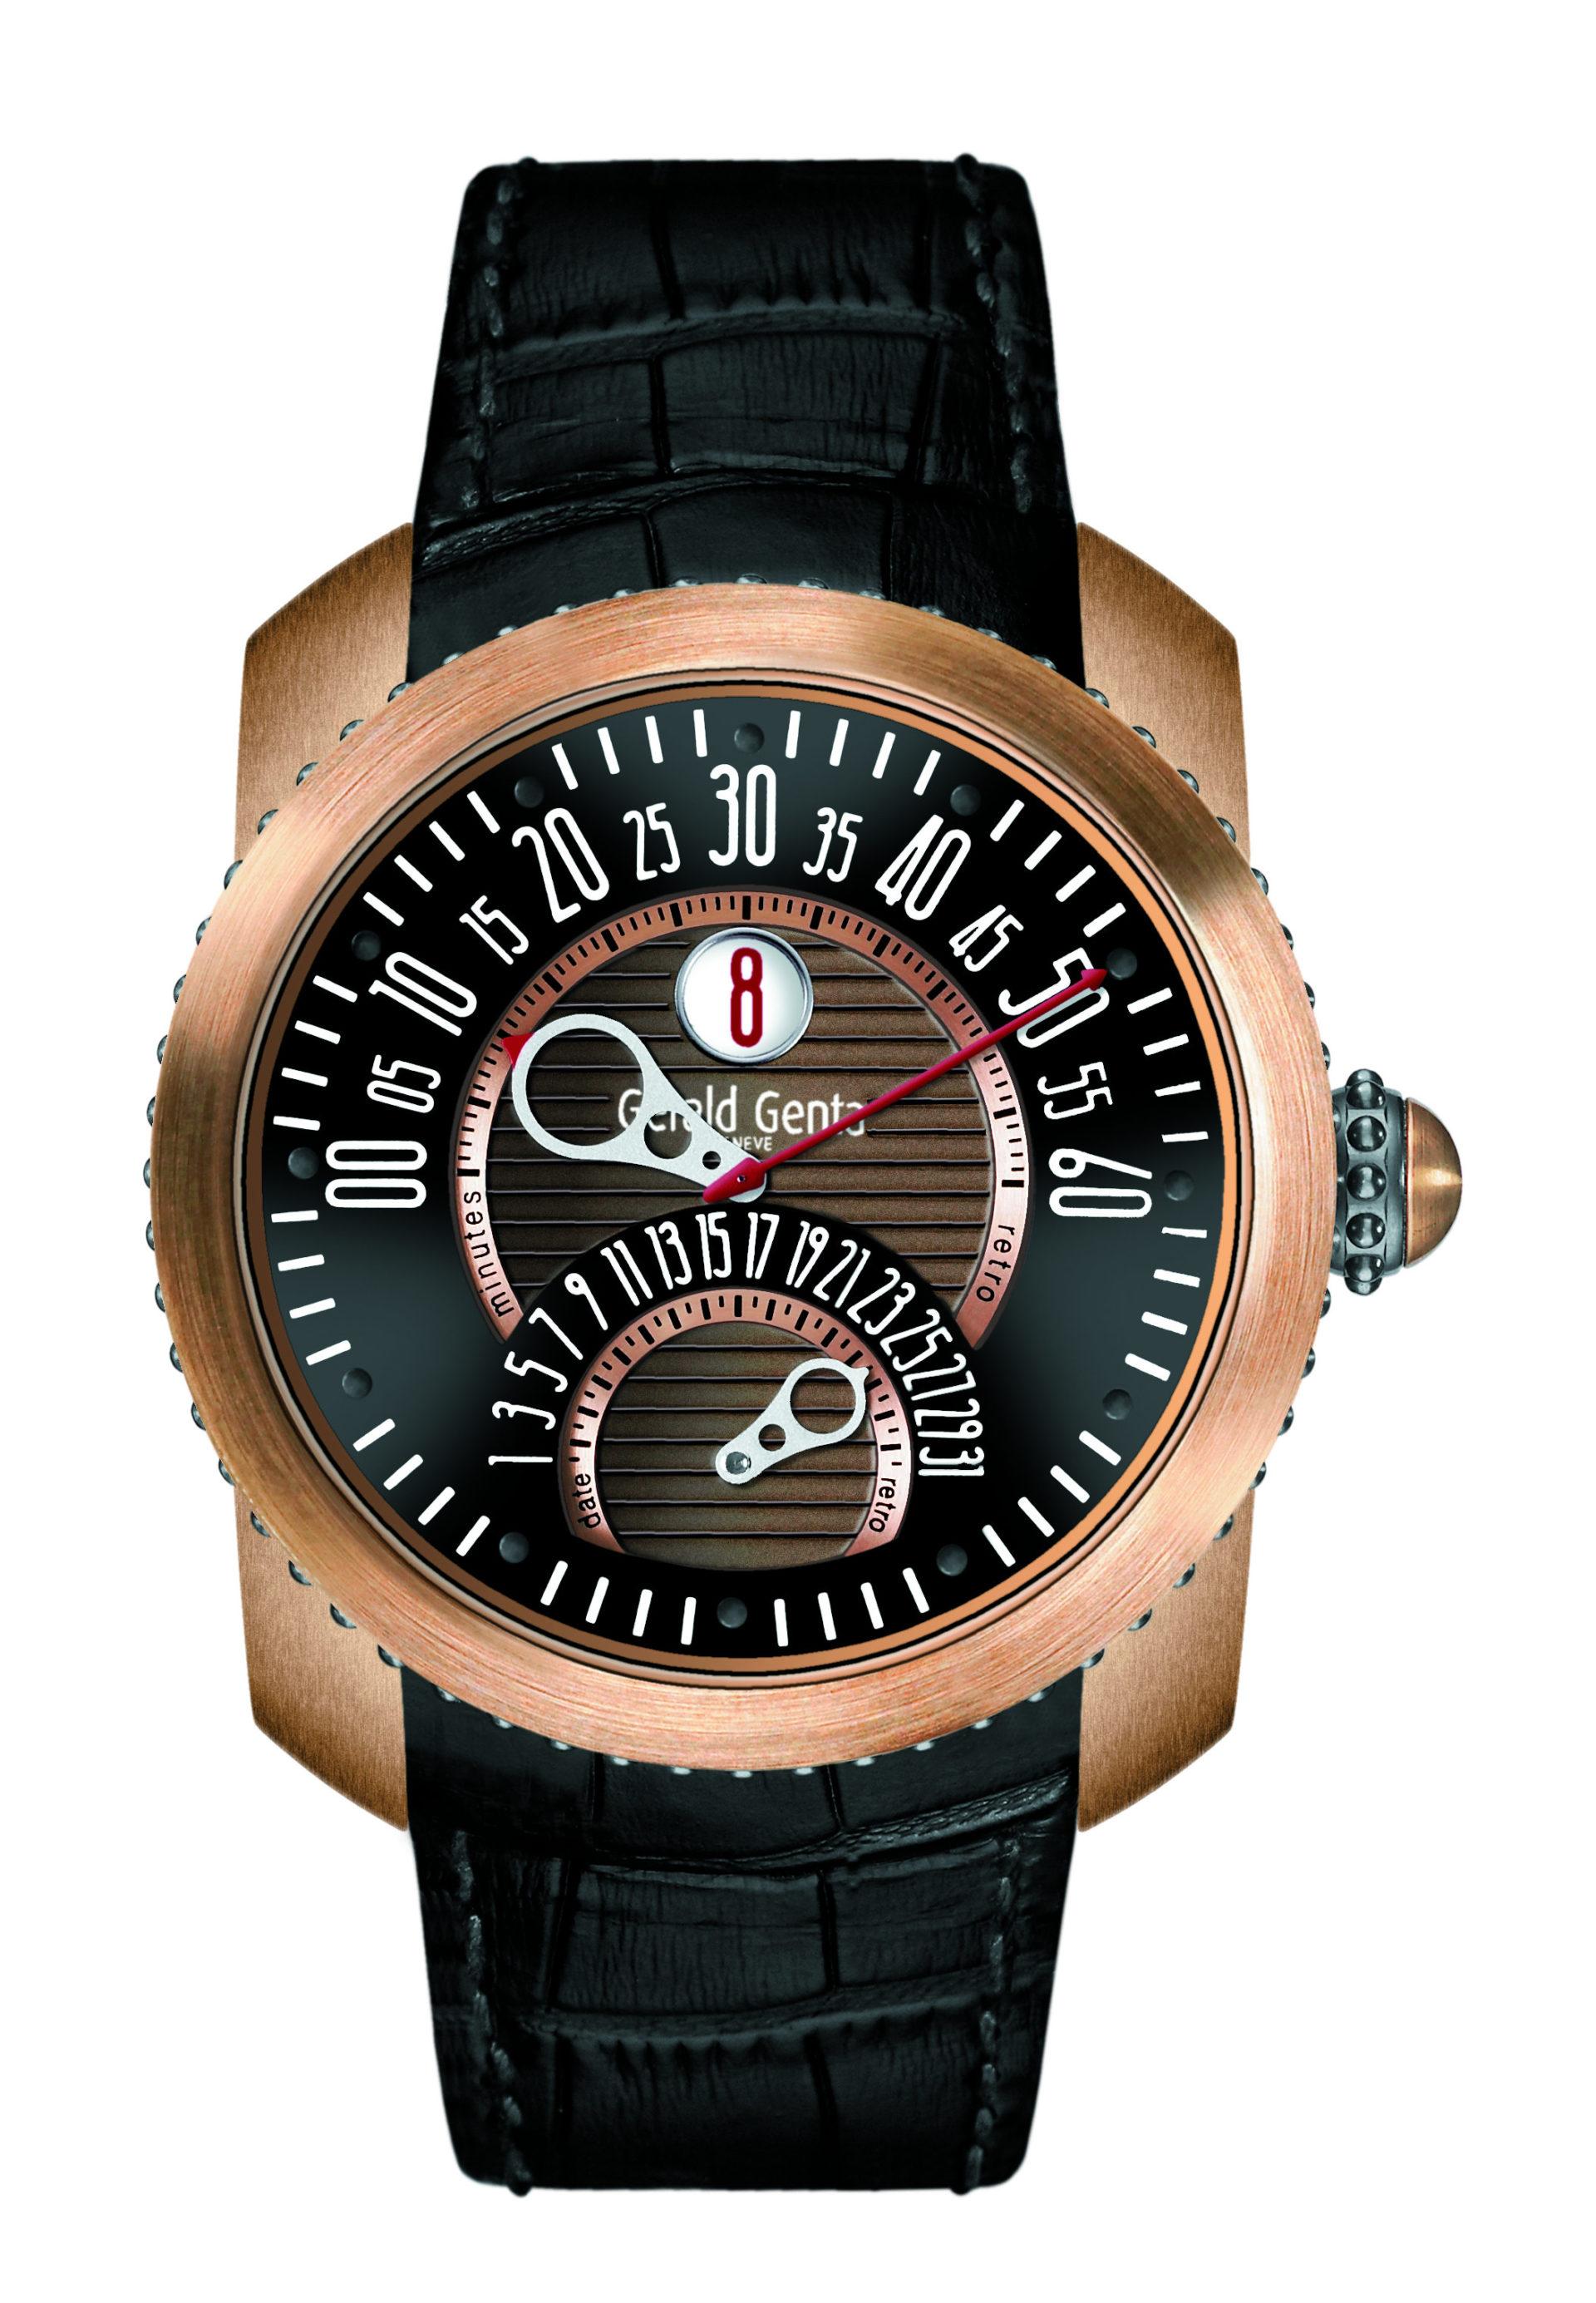 Eine ausgefallene Darstellung des Zifferblatts zeigt die Bronze-Uhr Safari von Gérald Genta